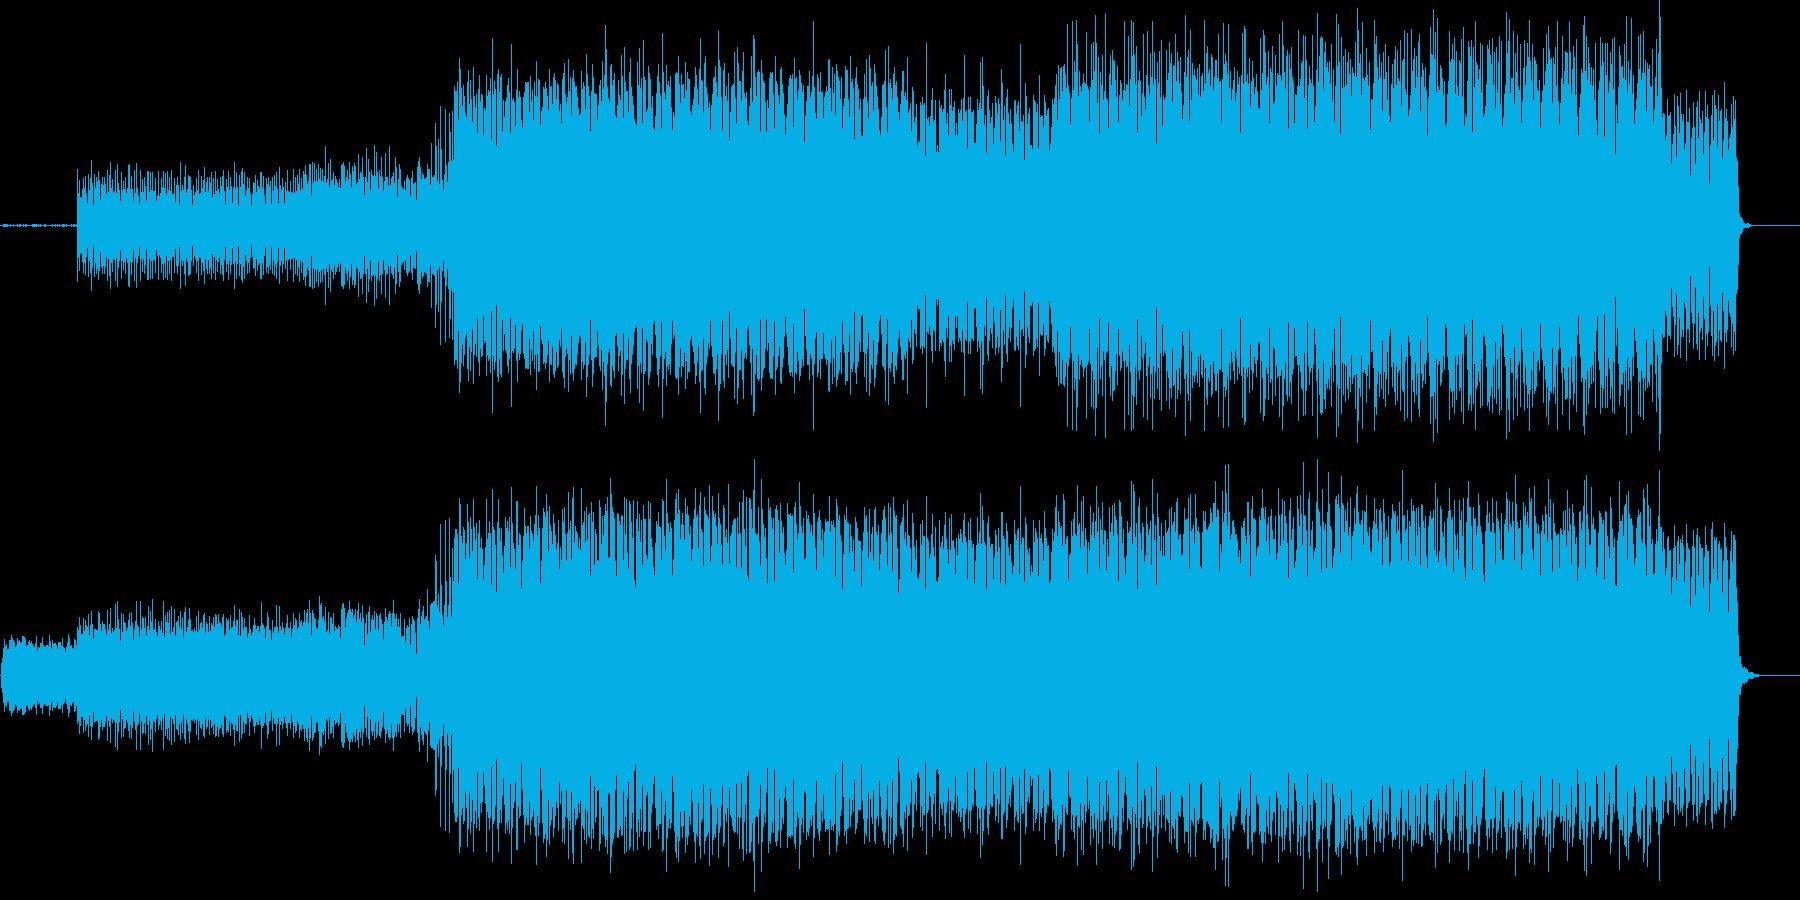 科学 不思議 未来 ドキュメント 報道の再生済みの波形